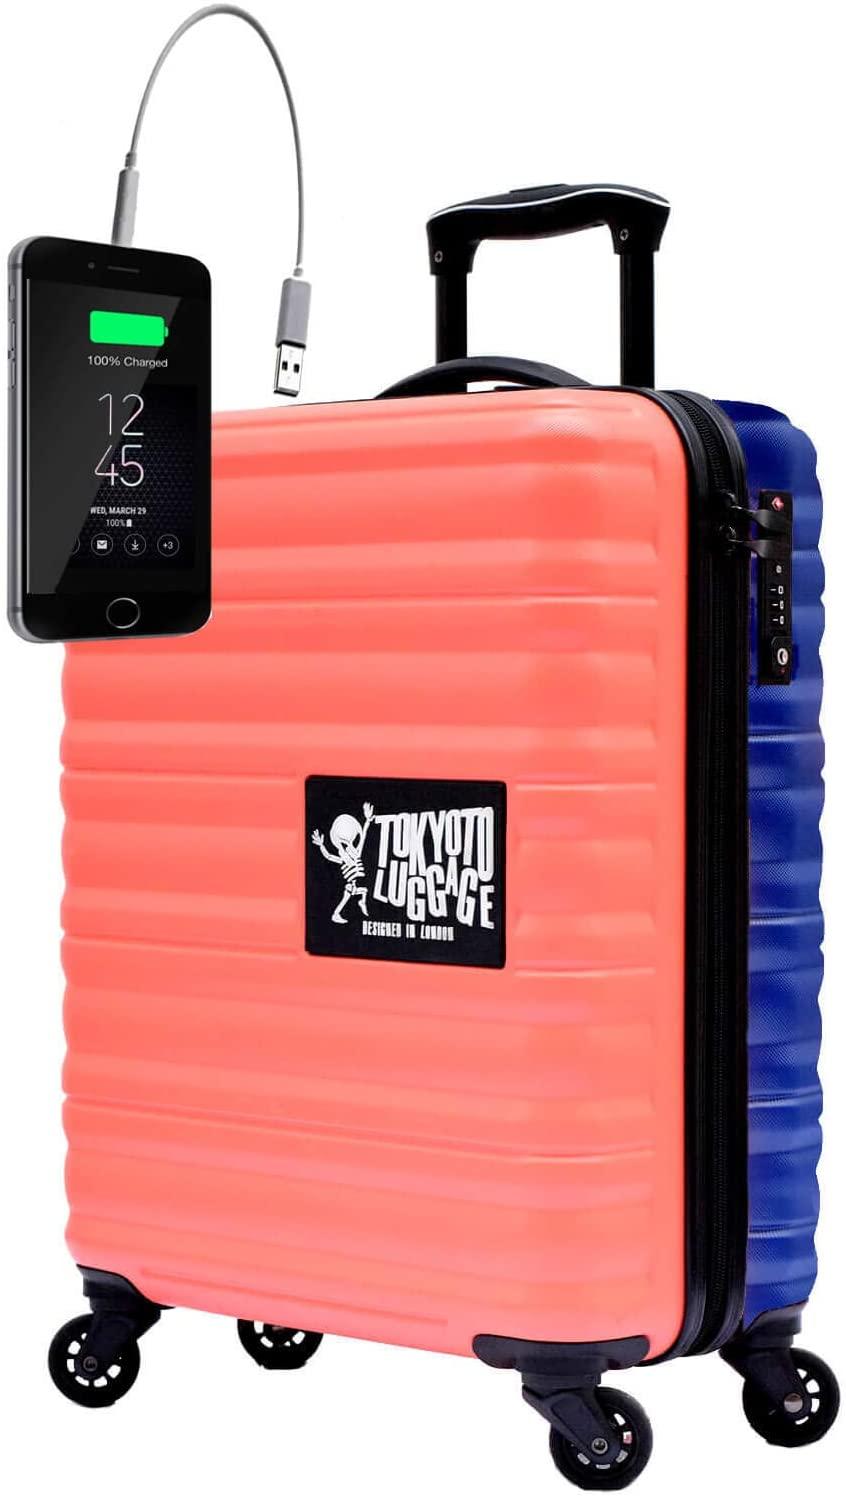 TOKYOTO - Maleta de Cabina Equipaje de Mano Juvenil Adulto Niños con Cargador USB, 8000mAh, 55x40x20 cm | Trolley de Viaje Ryanair, Easyjet | Maleta de Viaje Rígida Divertida Coral Azul